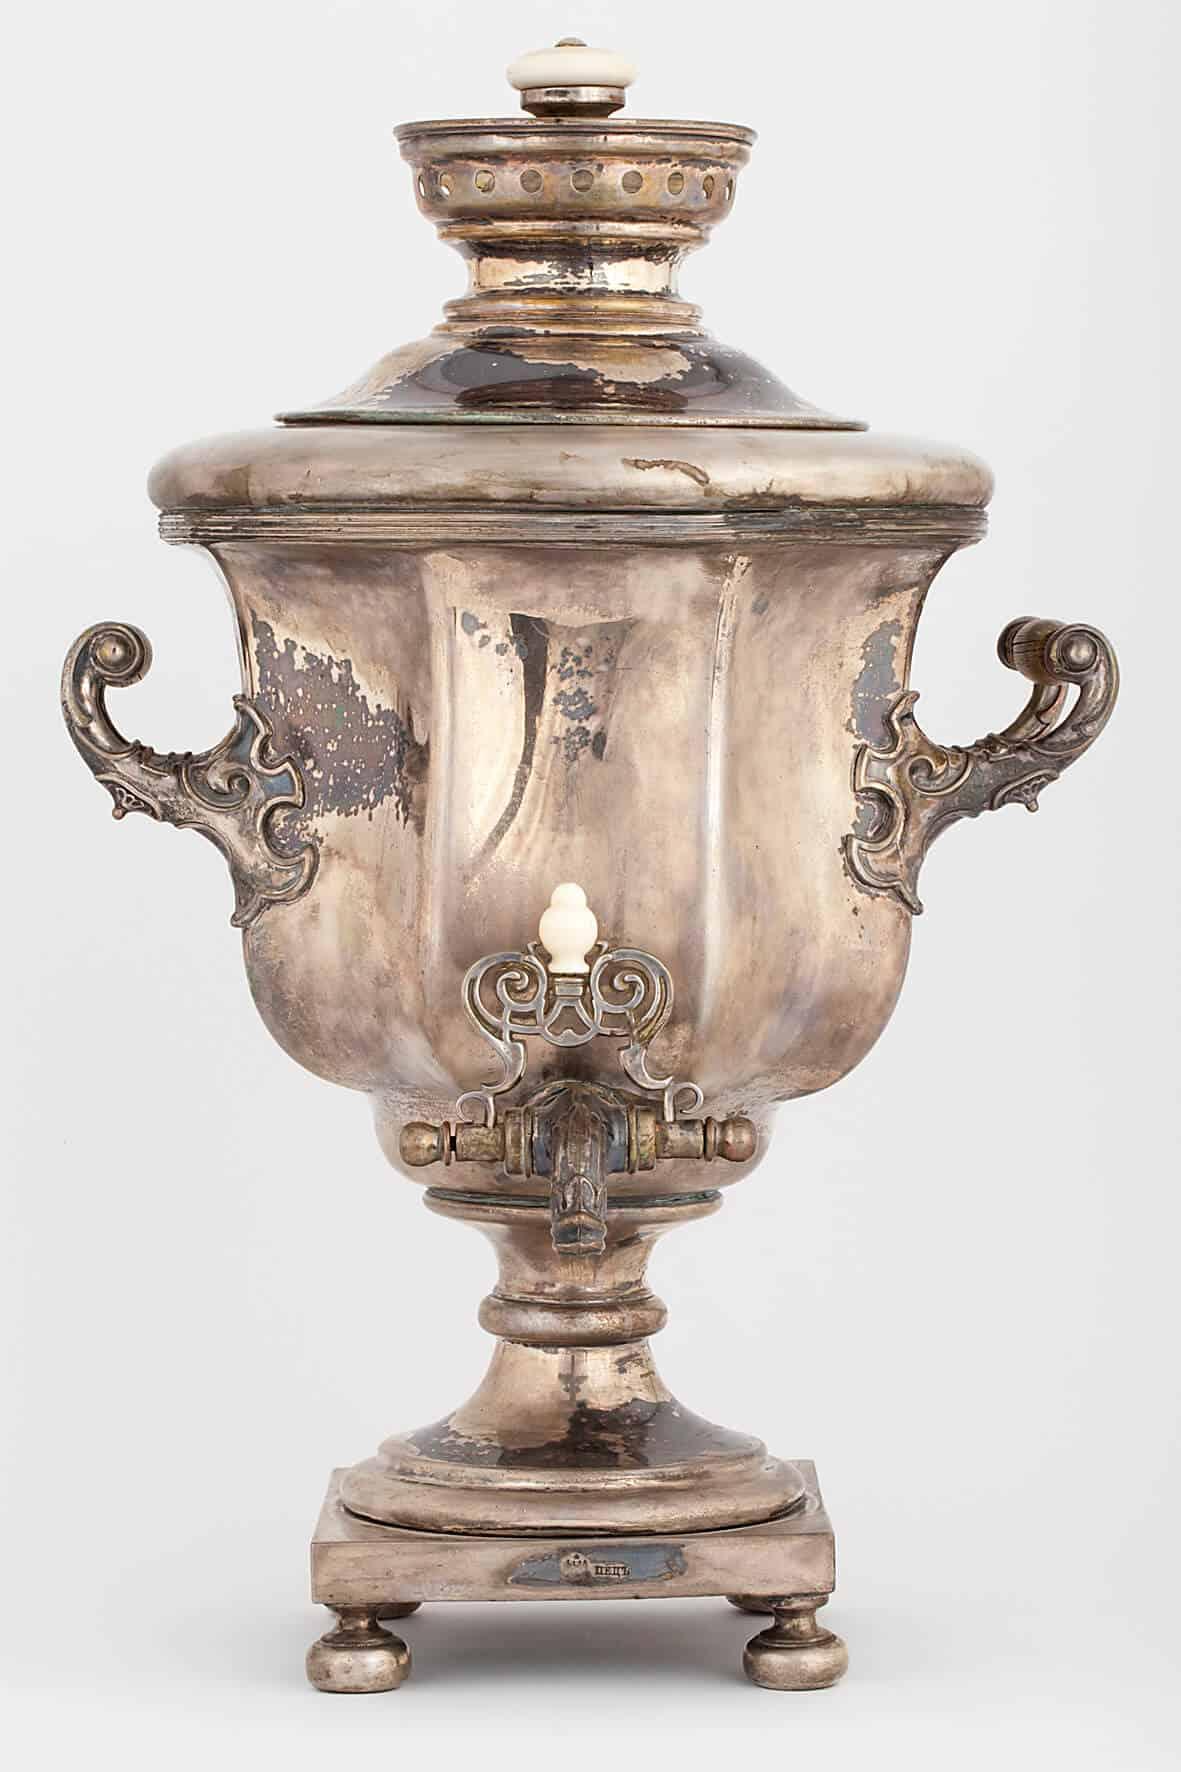 КБ 401 | Самовар-ваза «Кубок гранный» | Музей самоваров и бульоток